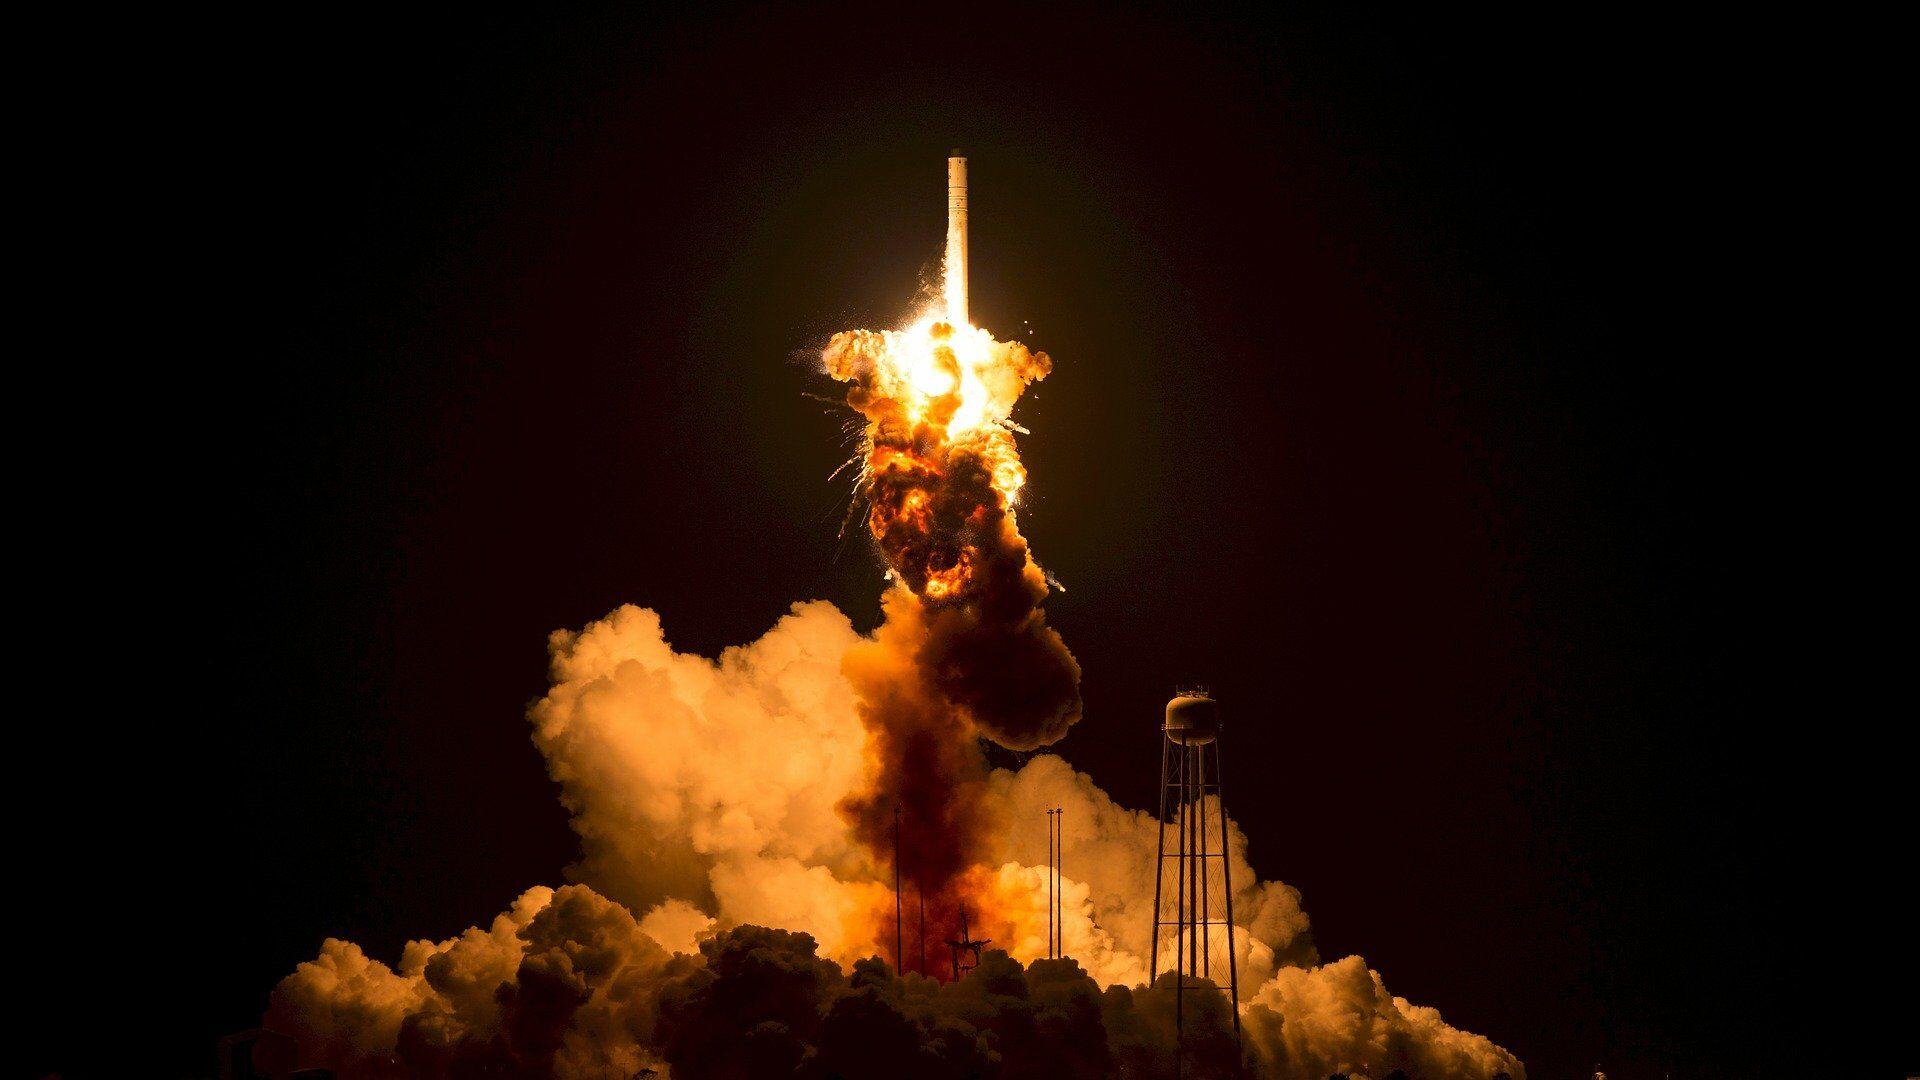 Lanzamiento de un cohete espacial (imagen referencial) - Sputnik Mundo, 1920, 12.08.2021